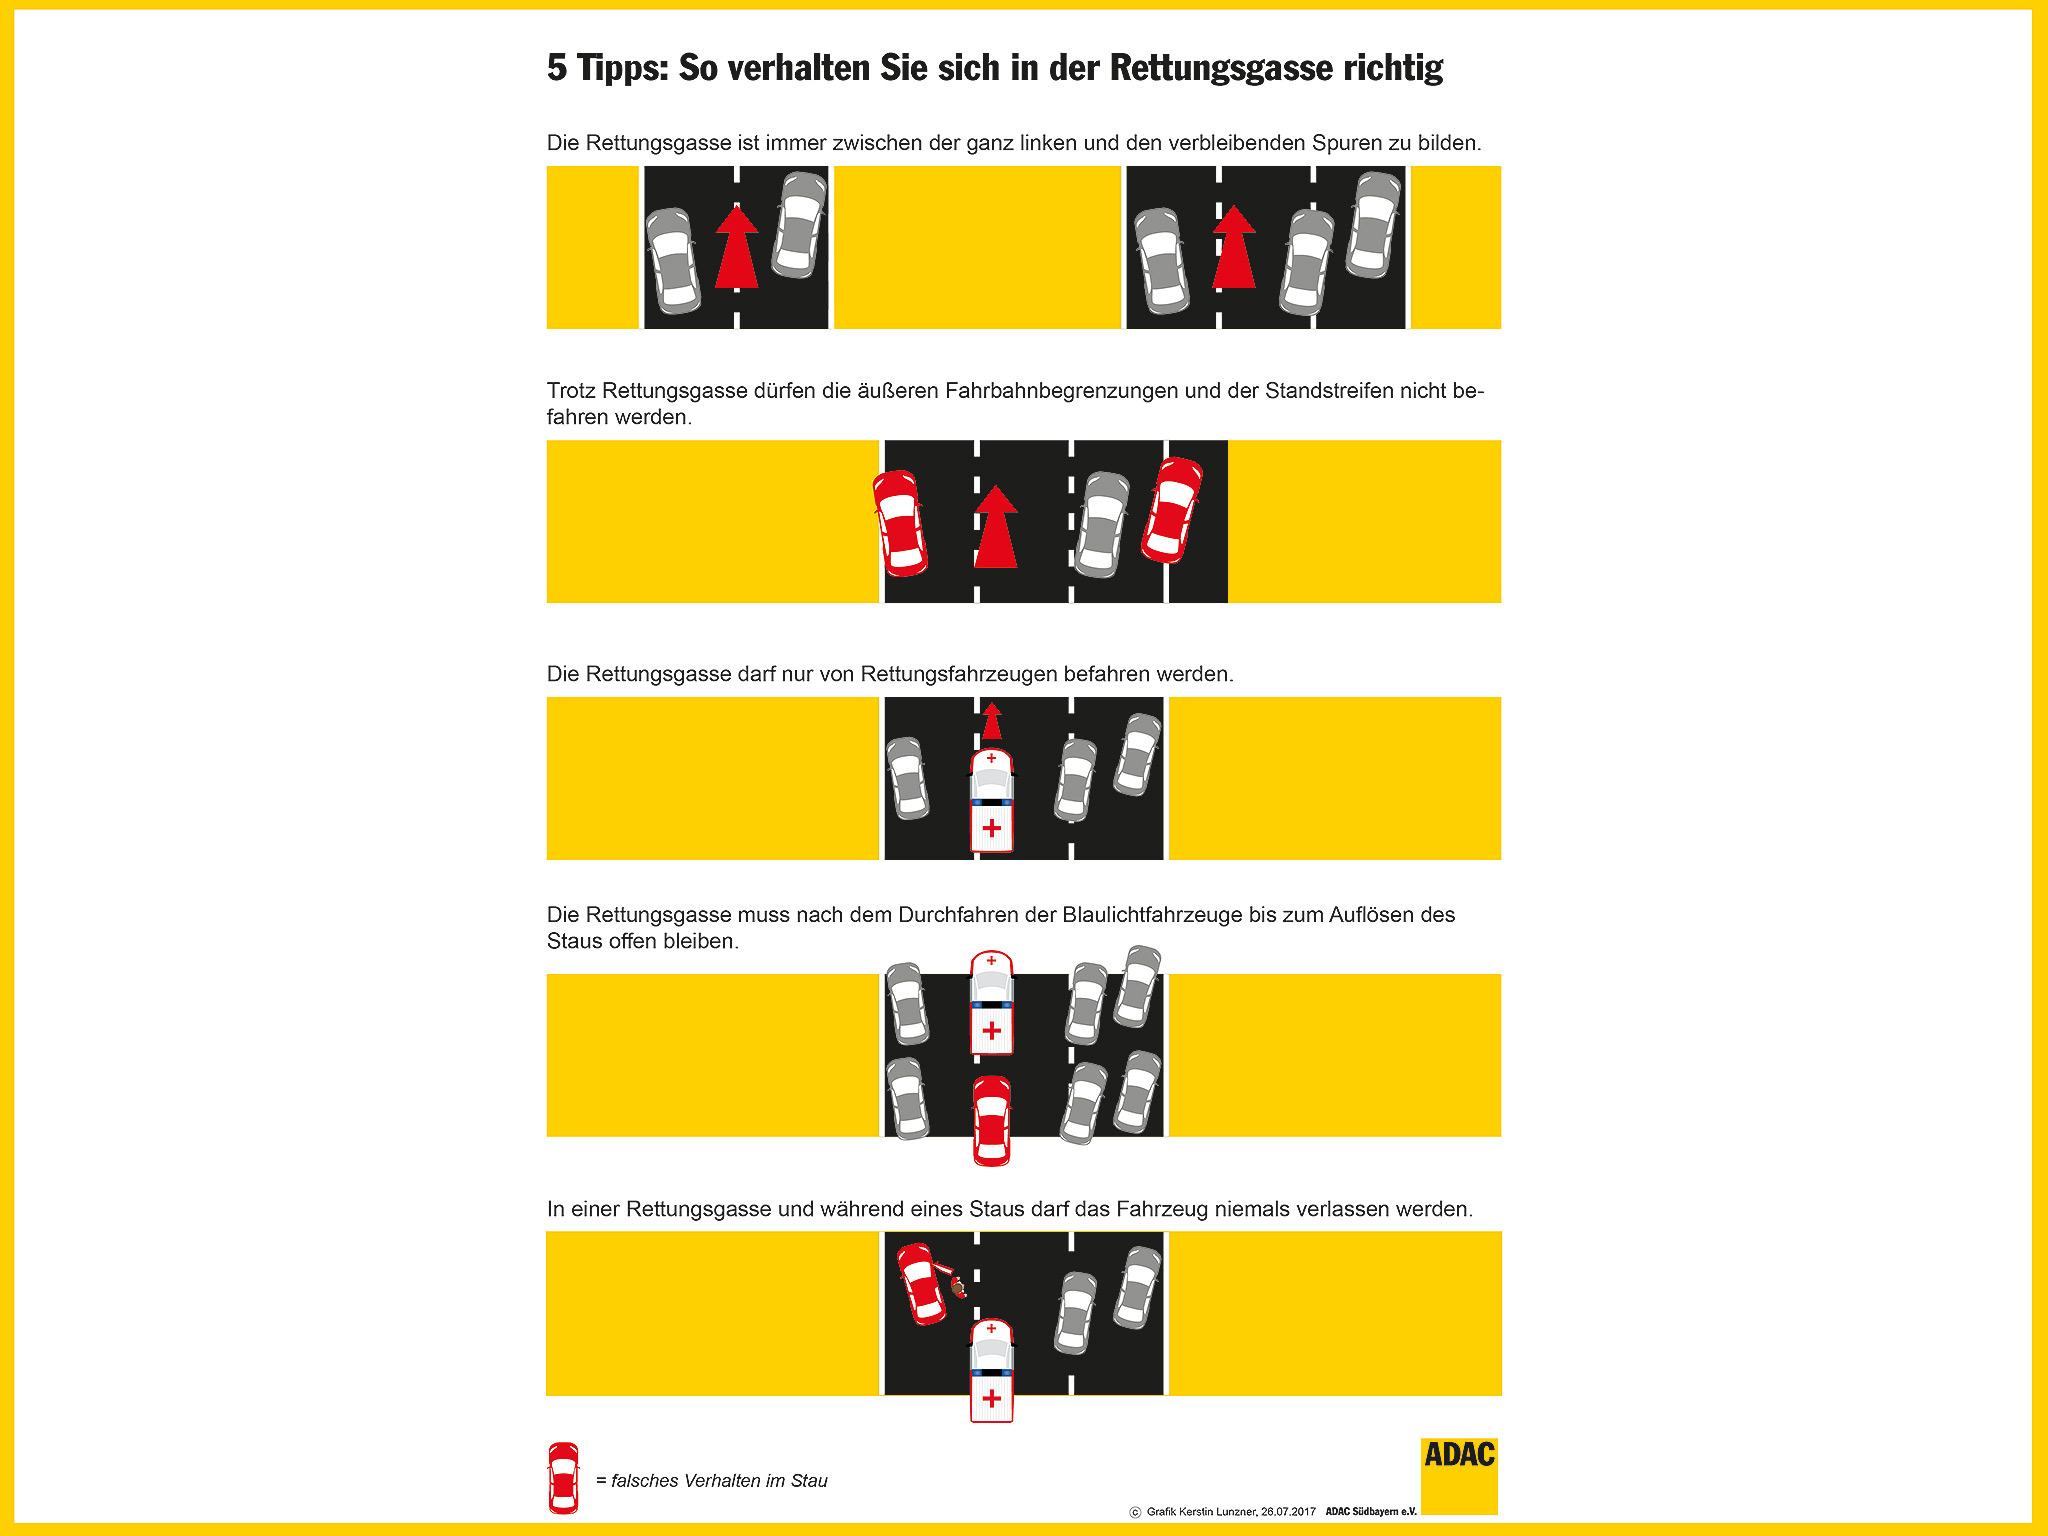 Wer das richtige Bilden einer Rettungsgasse beherrscht, hilft den Einsatzkräften im Notfall, schneller an ihr Ziel zu gelangen. Grafik: ADAC Südbayern e.V./Kerstin Lunzner